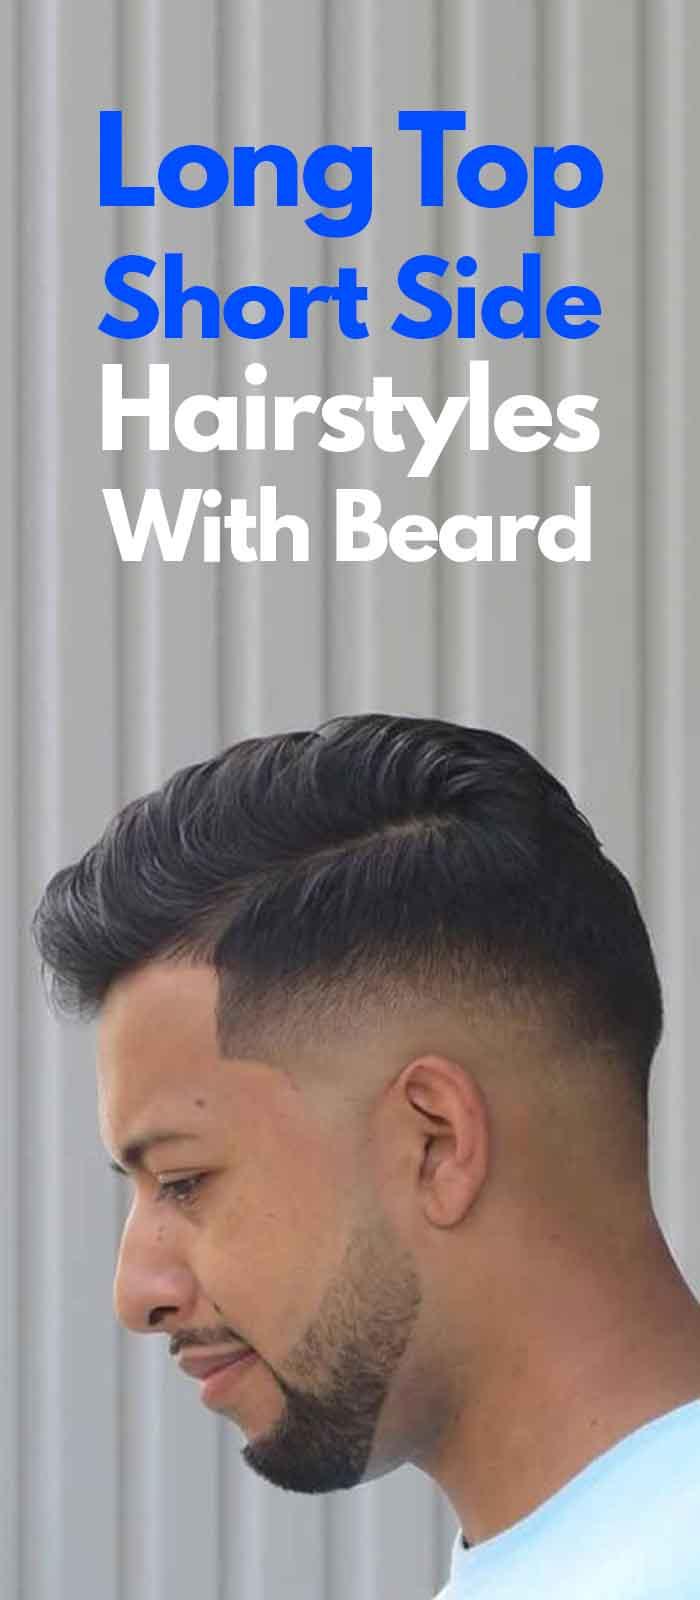 Best Beard style for short sides!